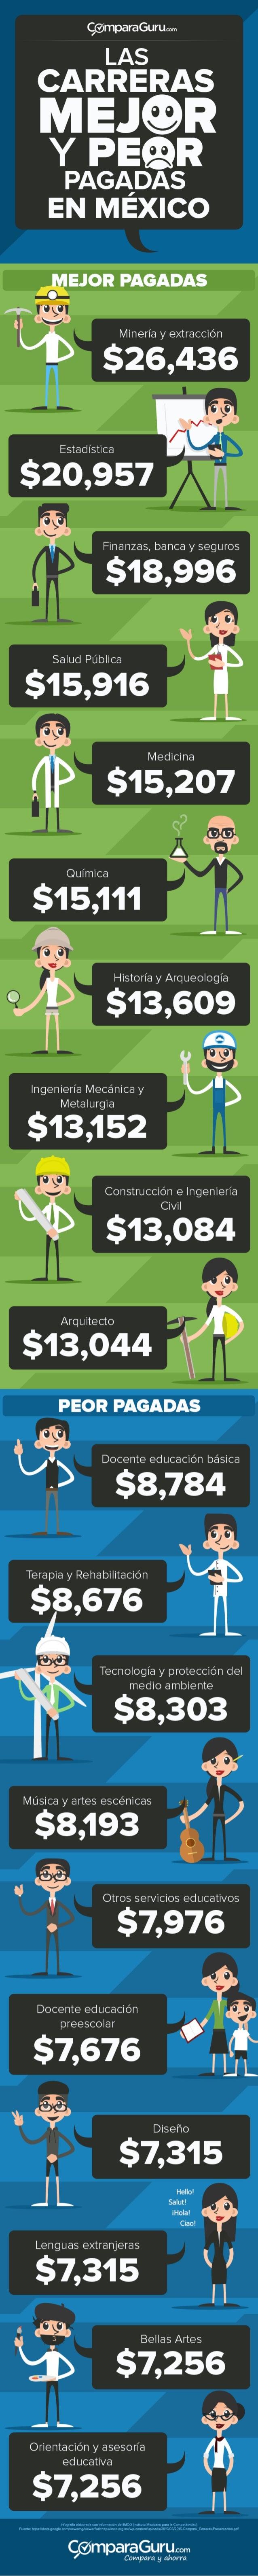 gümparaGurum  LAS CARRERAS  MEJQR Y PEQR  PAGADAS EN MEXICO  & T 9 QI  V JL   Estadística   35333833335 ñ SÏEÏSÏIG  vi E30...